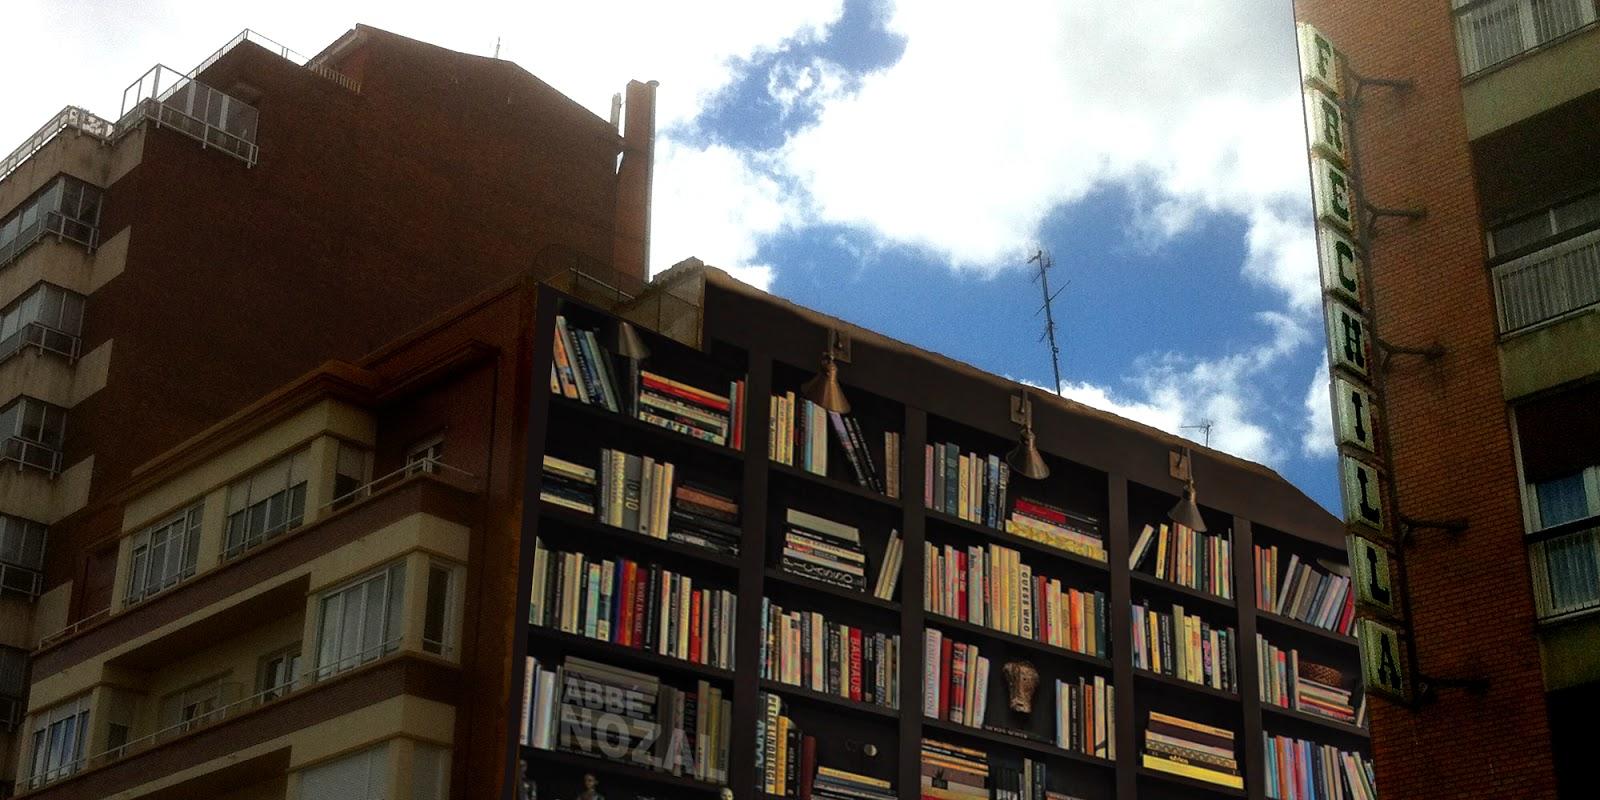 Días de los libros, 2014 Abbé Nozal